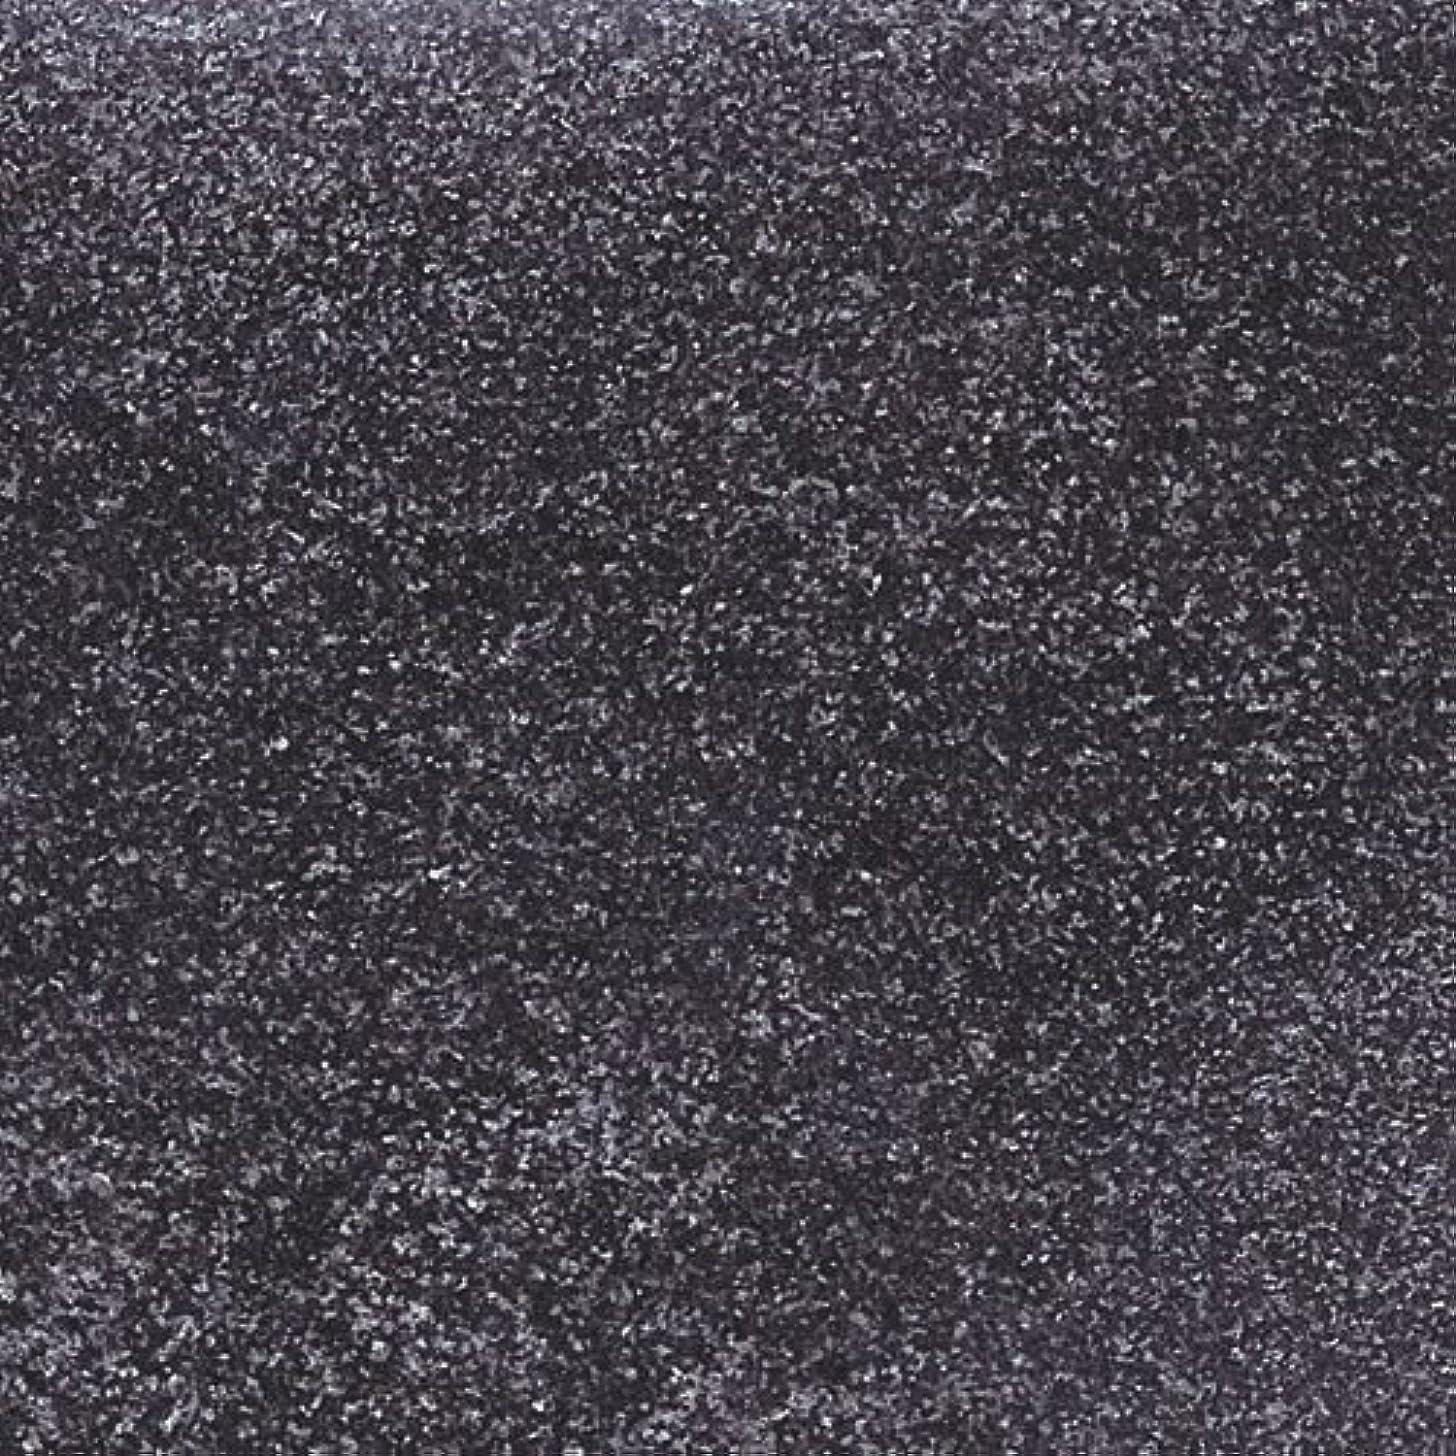 鳥パラナ川感謝しているピカエース ネイル用パウダー ピカエース シャインダスト #458 ミラーブラック 0.5g アート材